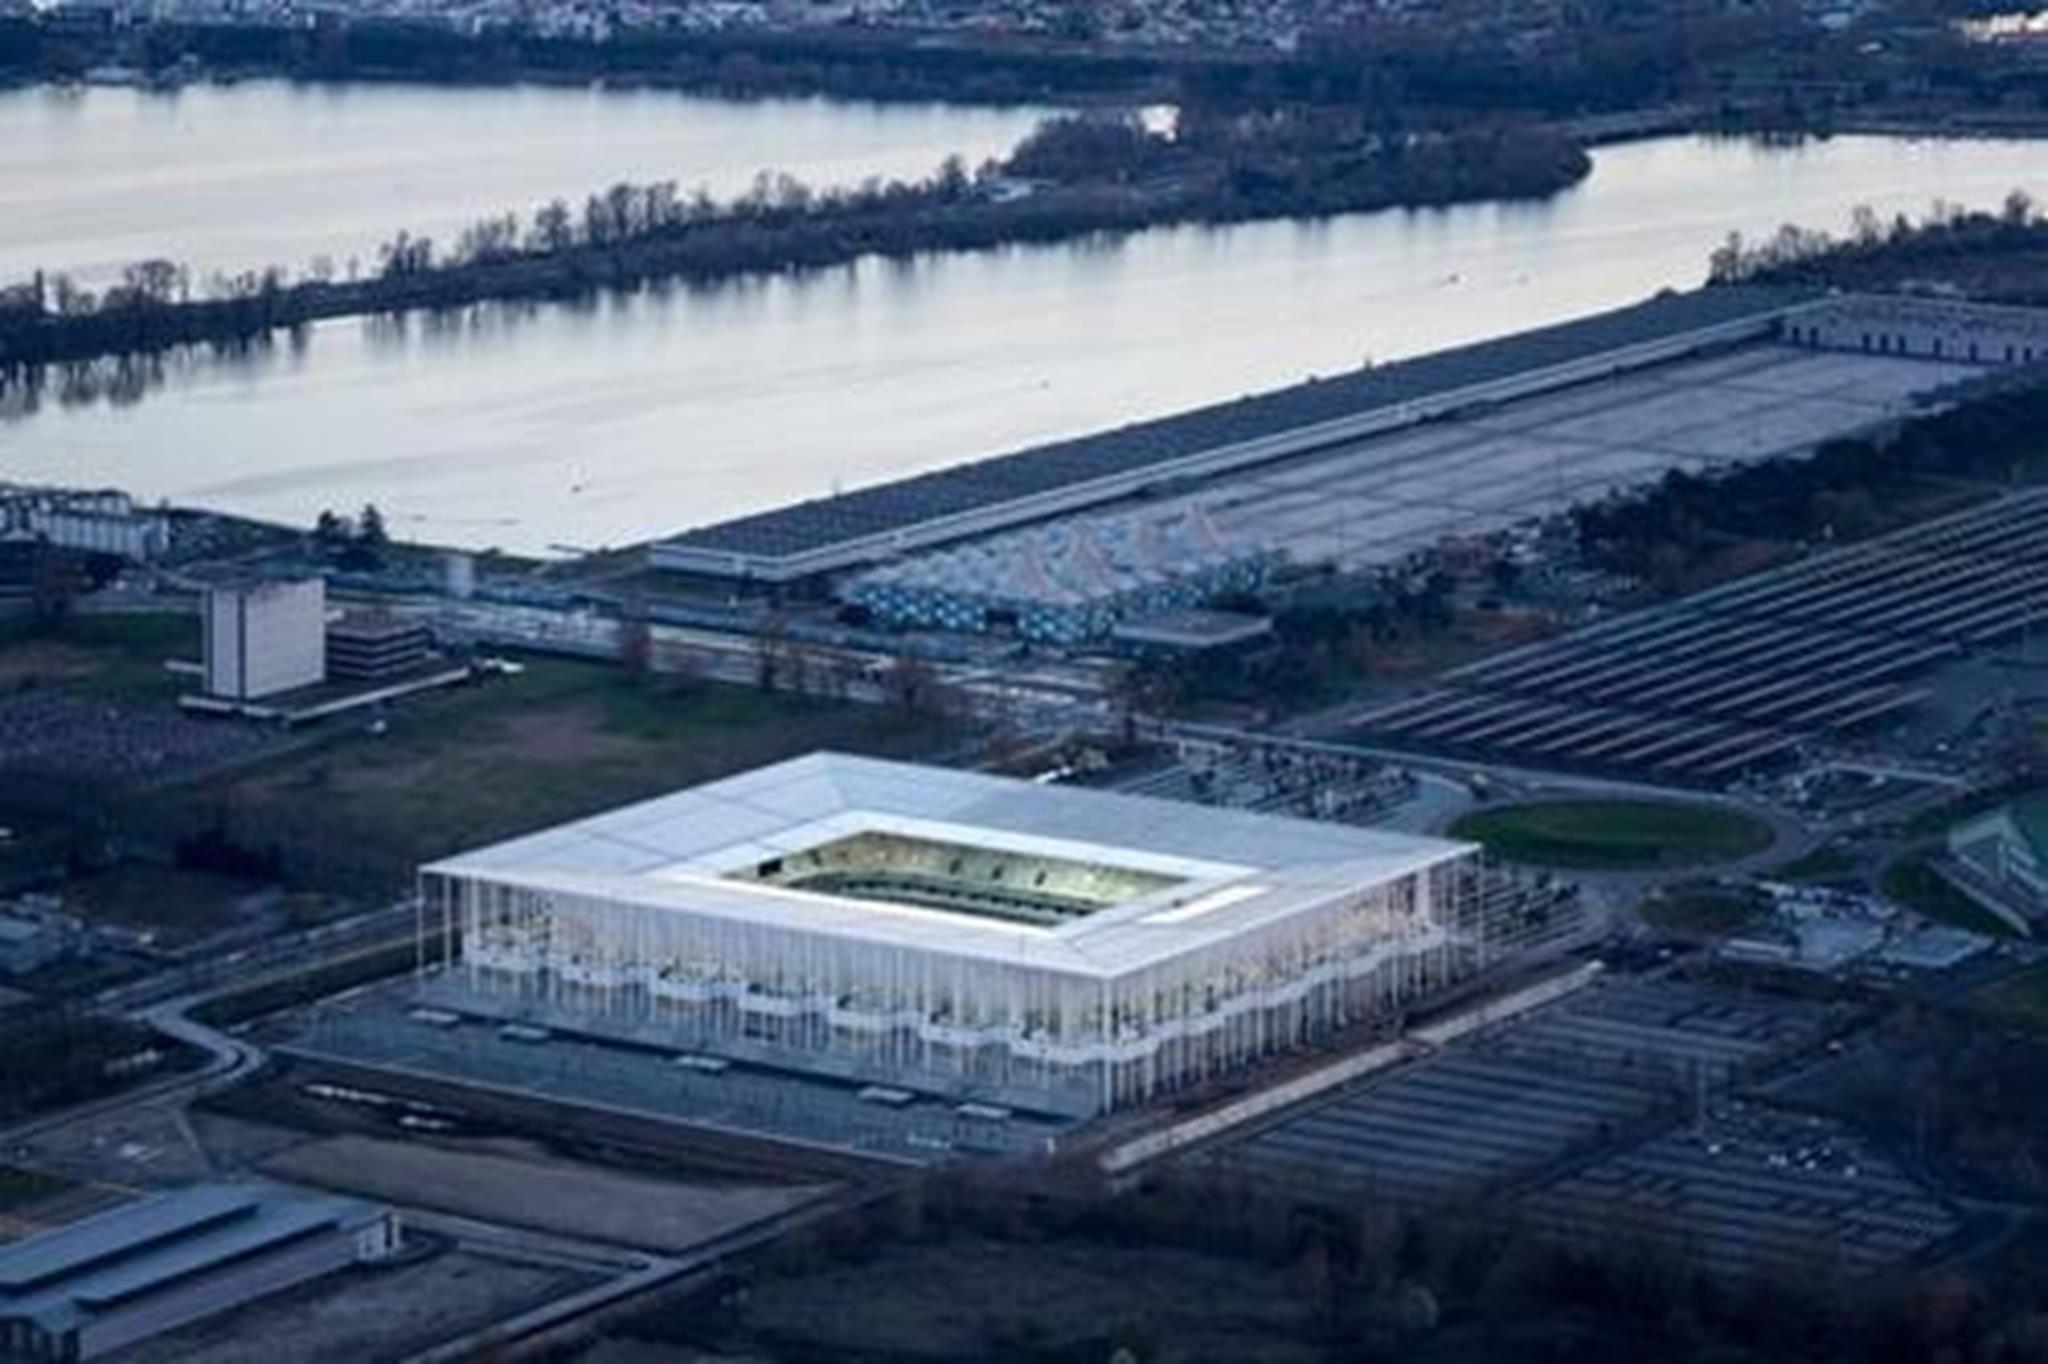 Sân vận động Matmut Atlantique, Bordeaux, Pháp nổi bật với kiến trúc mở và thanh lịch. Những chiếc cột đứng thanh mảnh giúp các cầu thang lớn tạo không gian mở giao hòa với xung quanh, tạo cảm giác cởi mở, dễ tiếp cận cho mọi người.